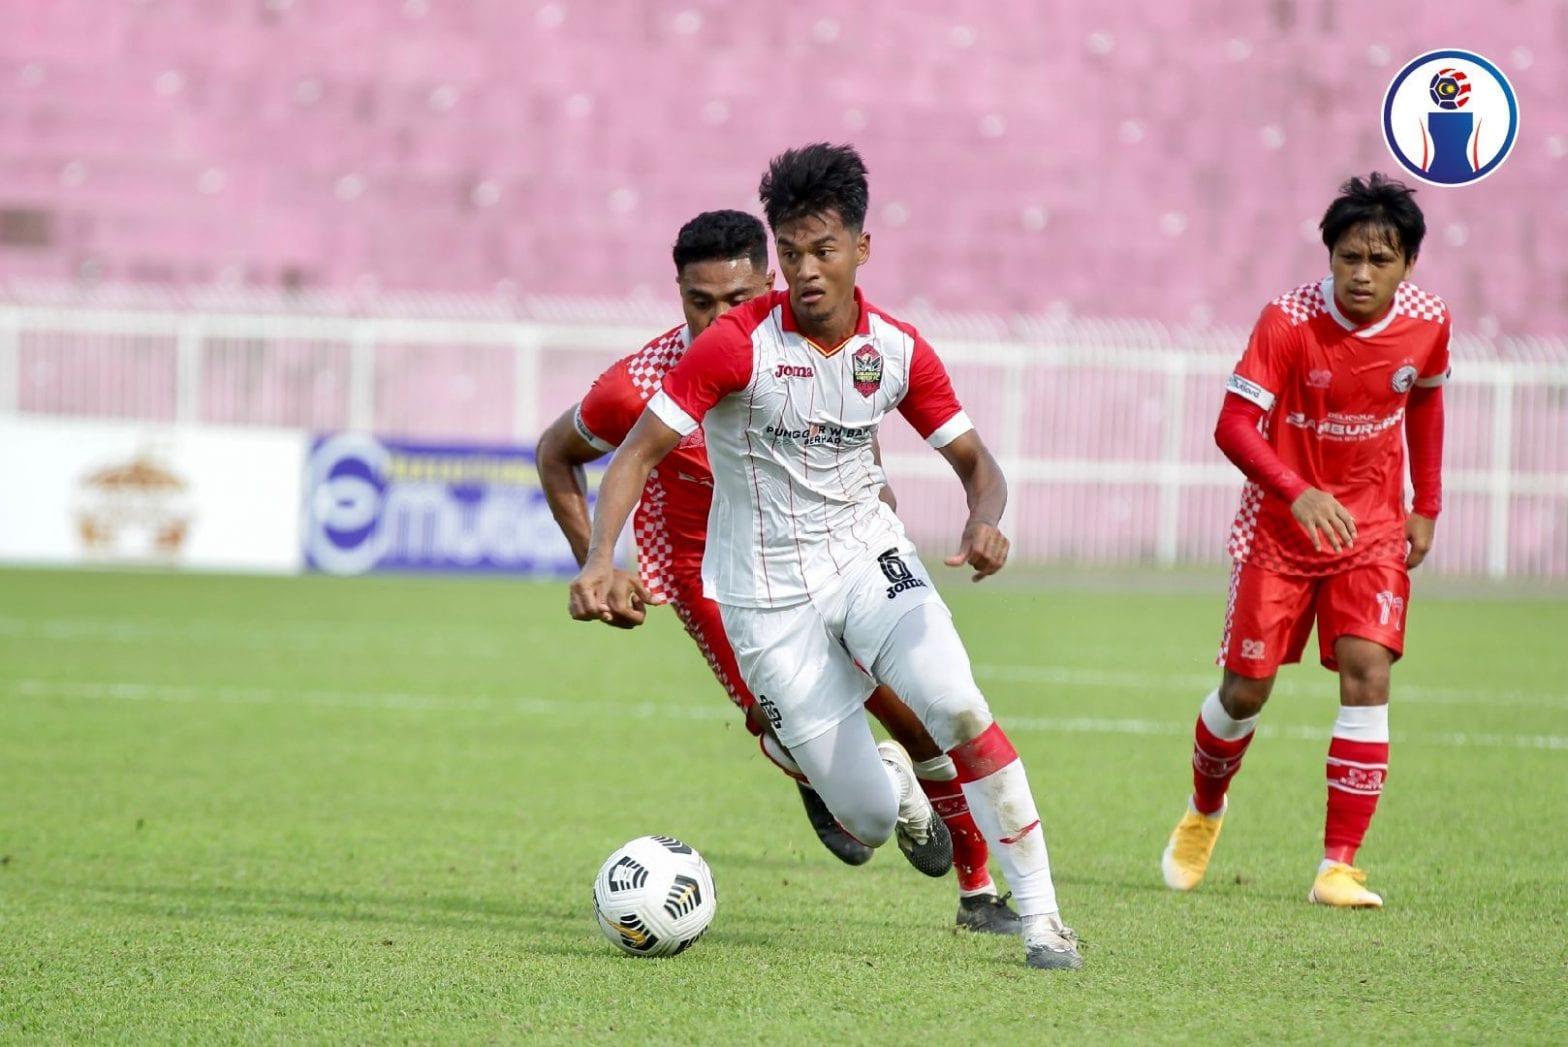 Zahril Azri Sarawak United